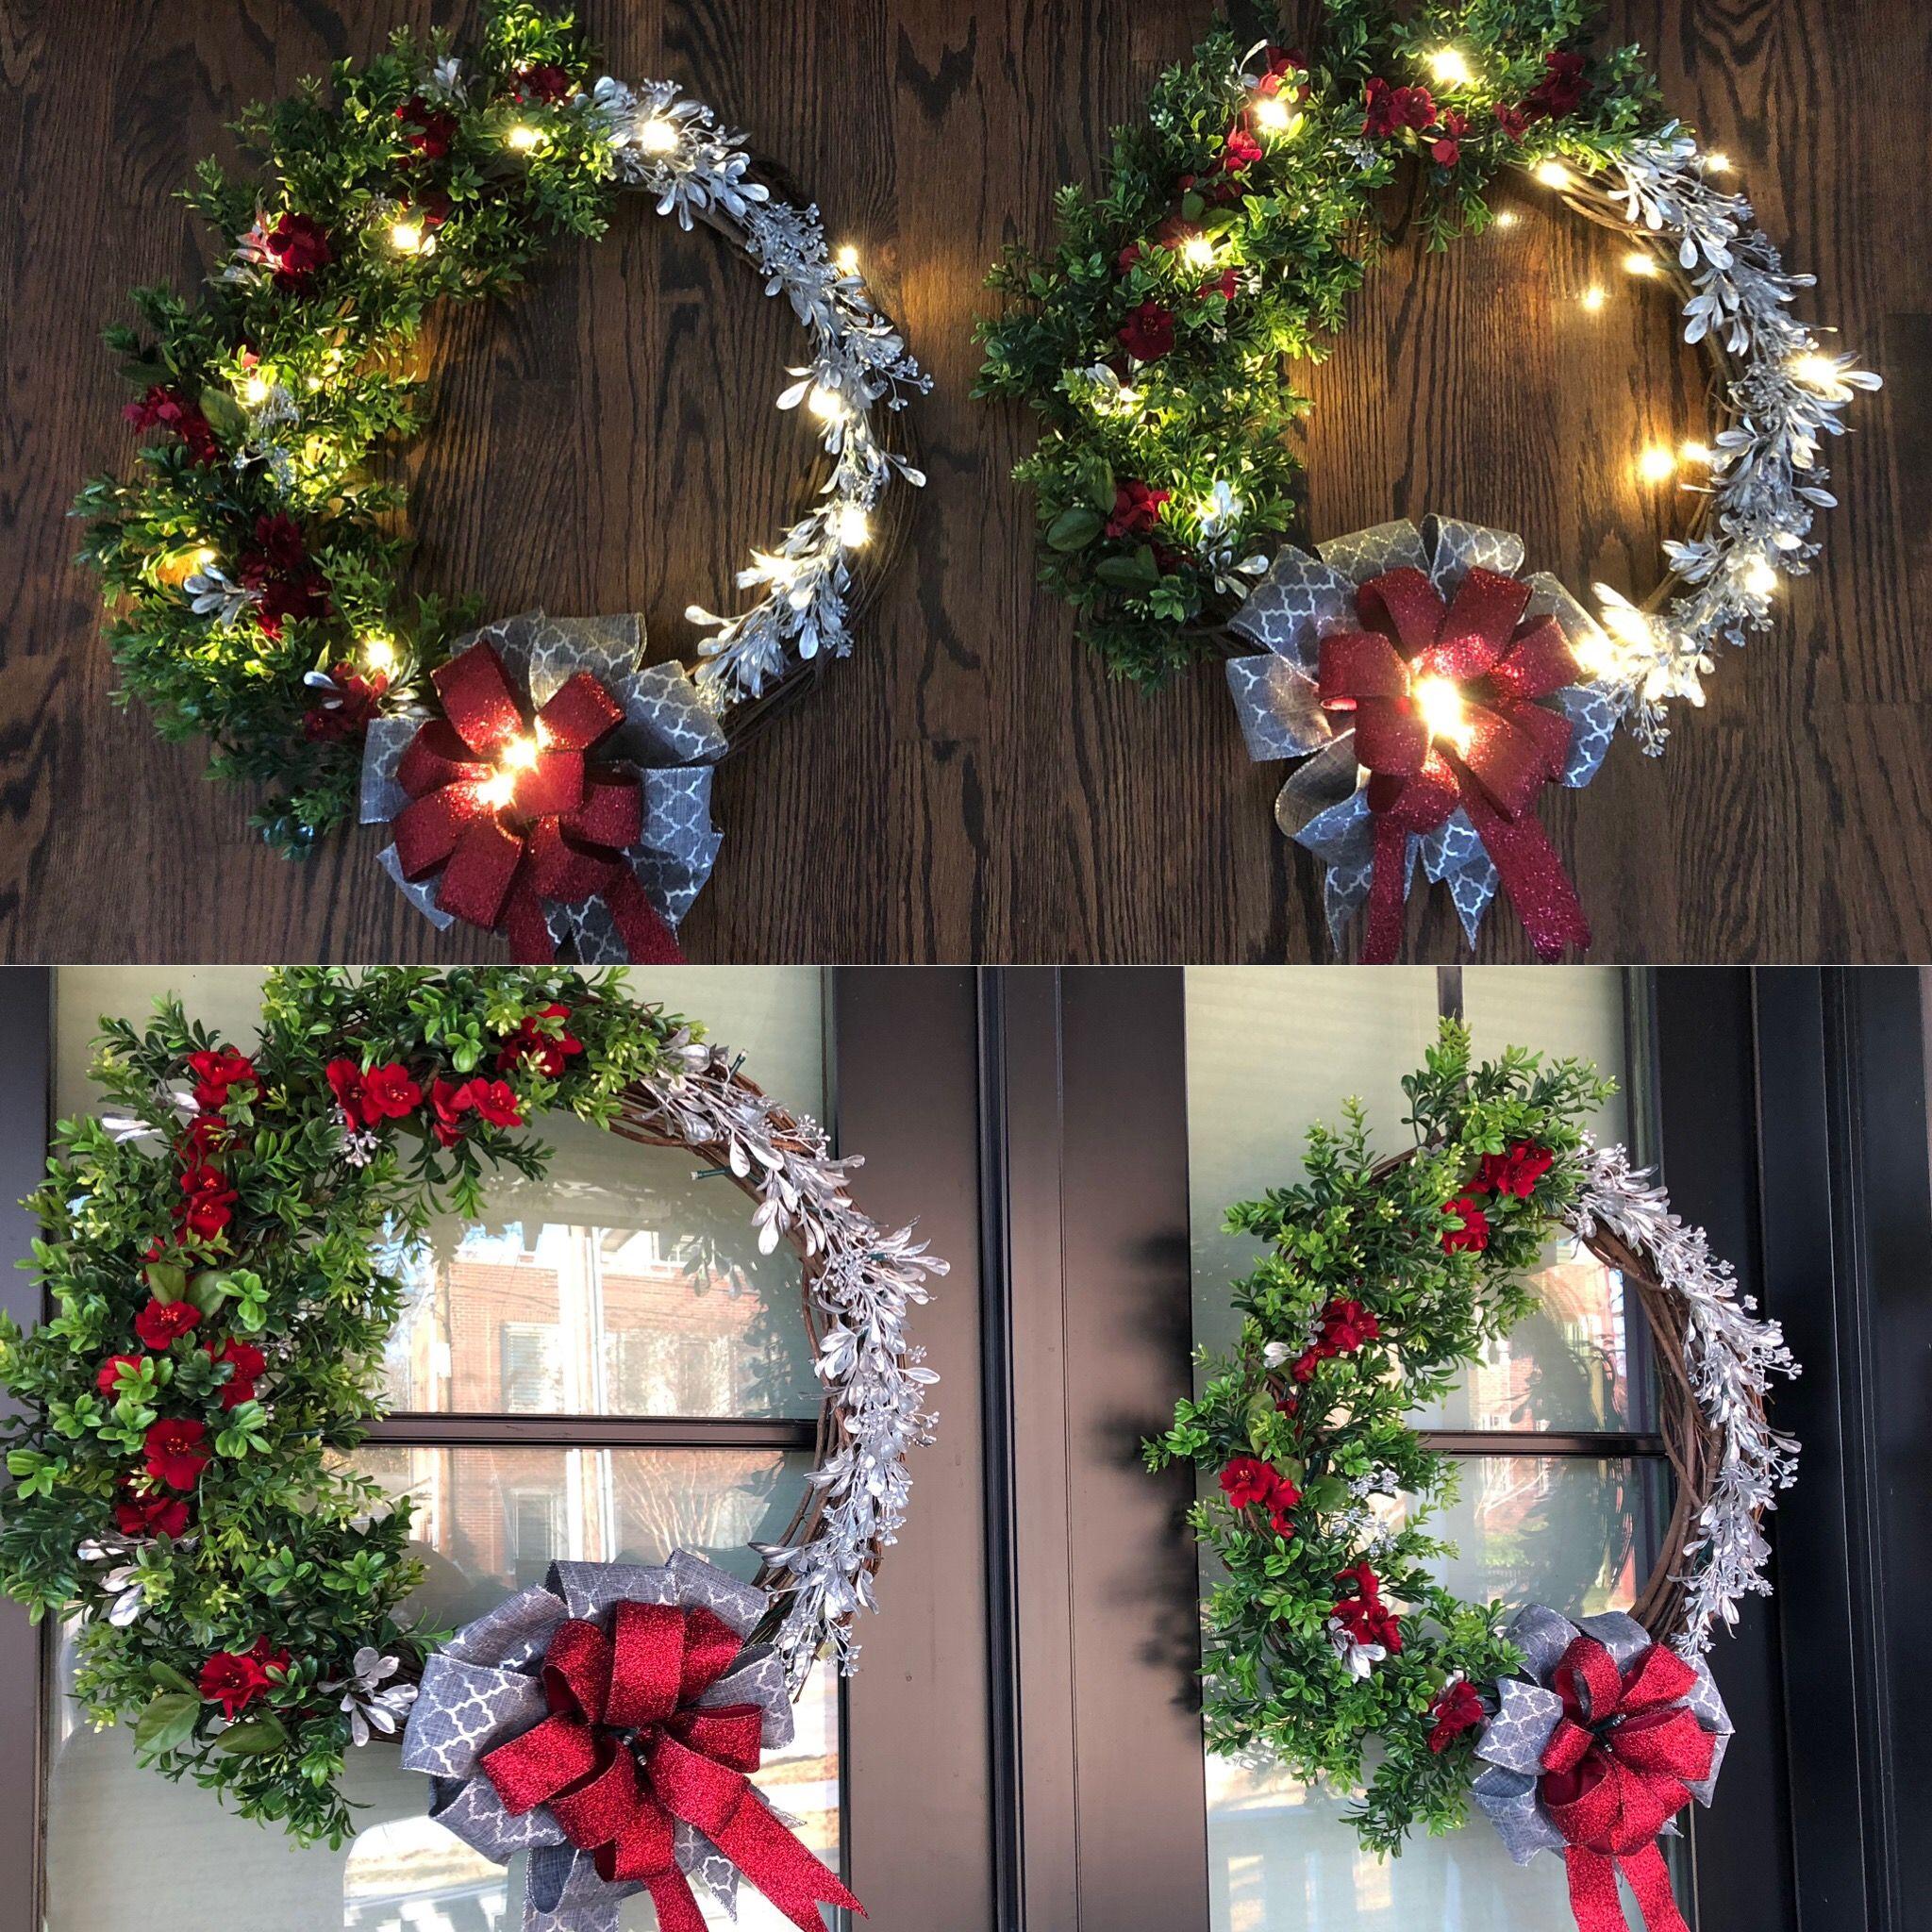 Lighted modern farmhouse wreaths for the holidays